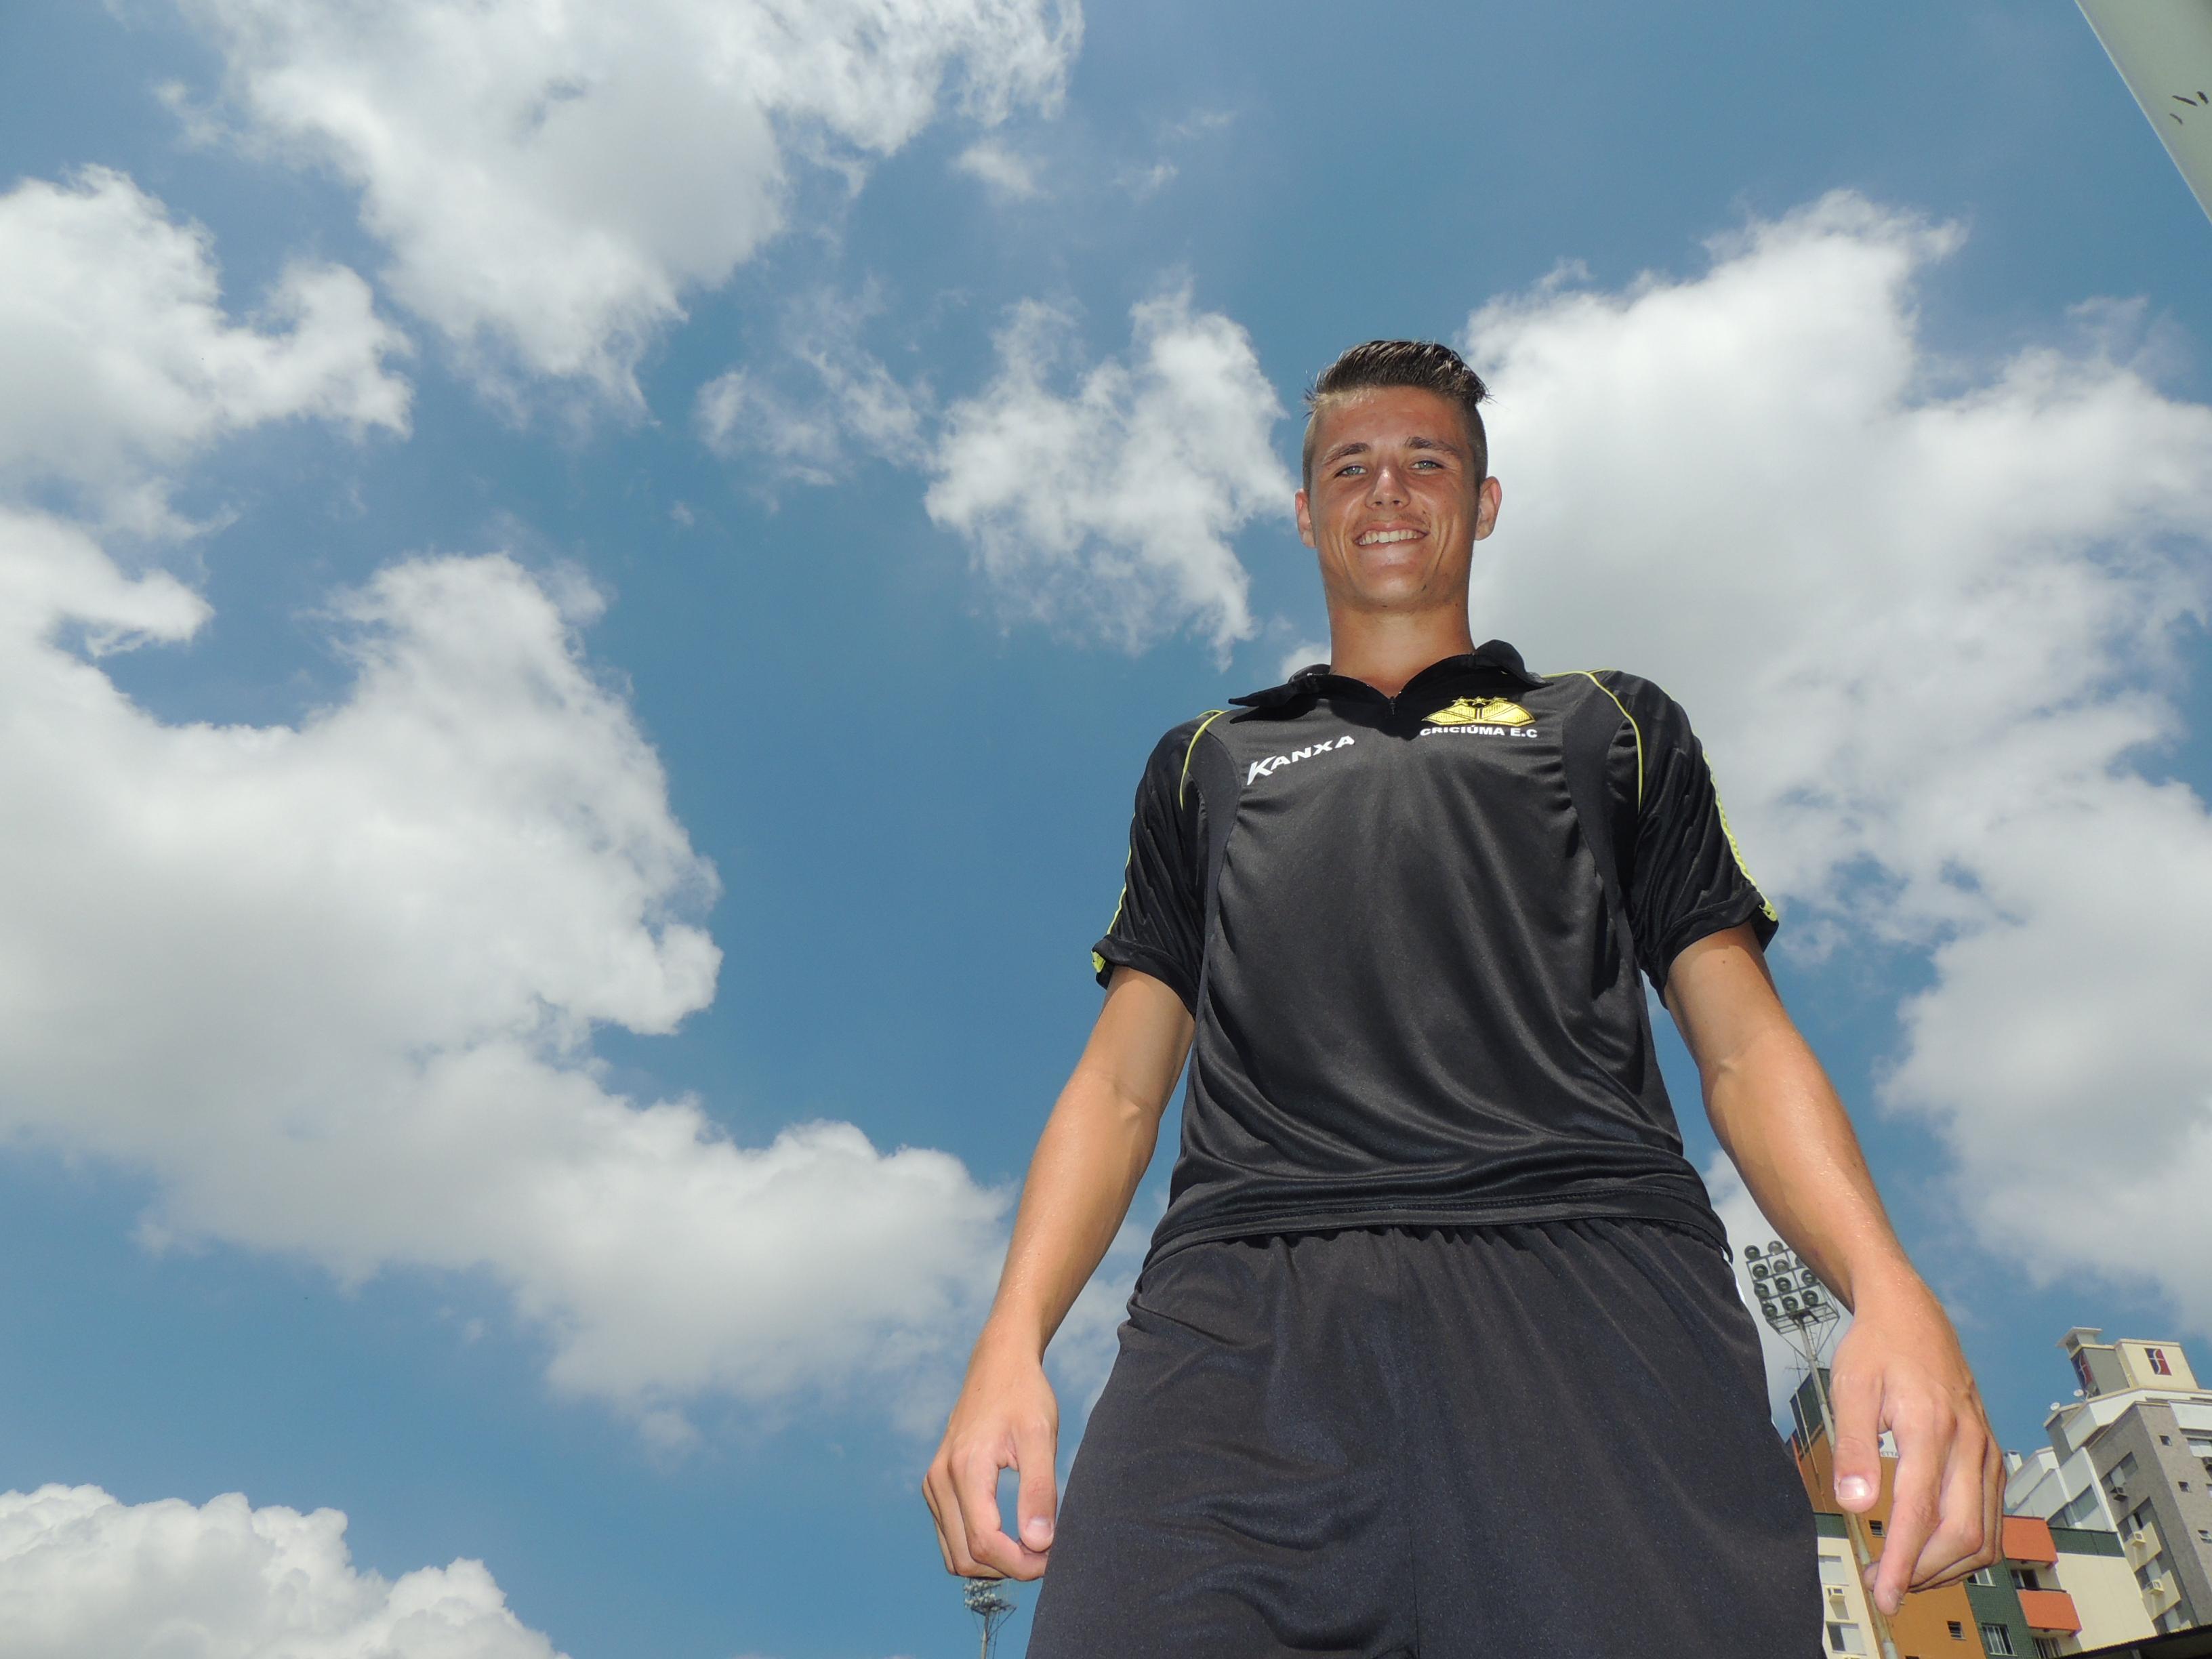 Iago Maidana apresenta maturidade proporcional à altura: 1,95m - Globo.com